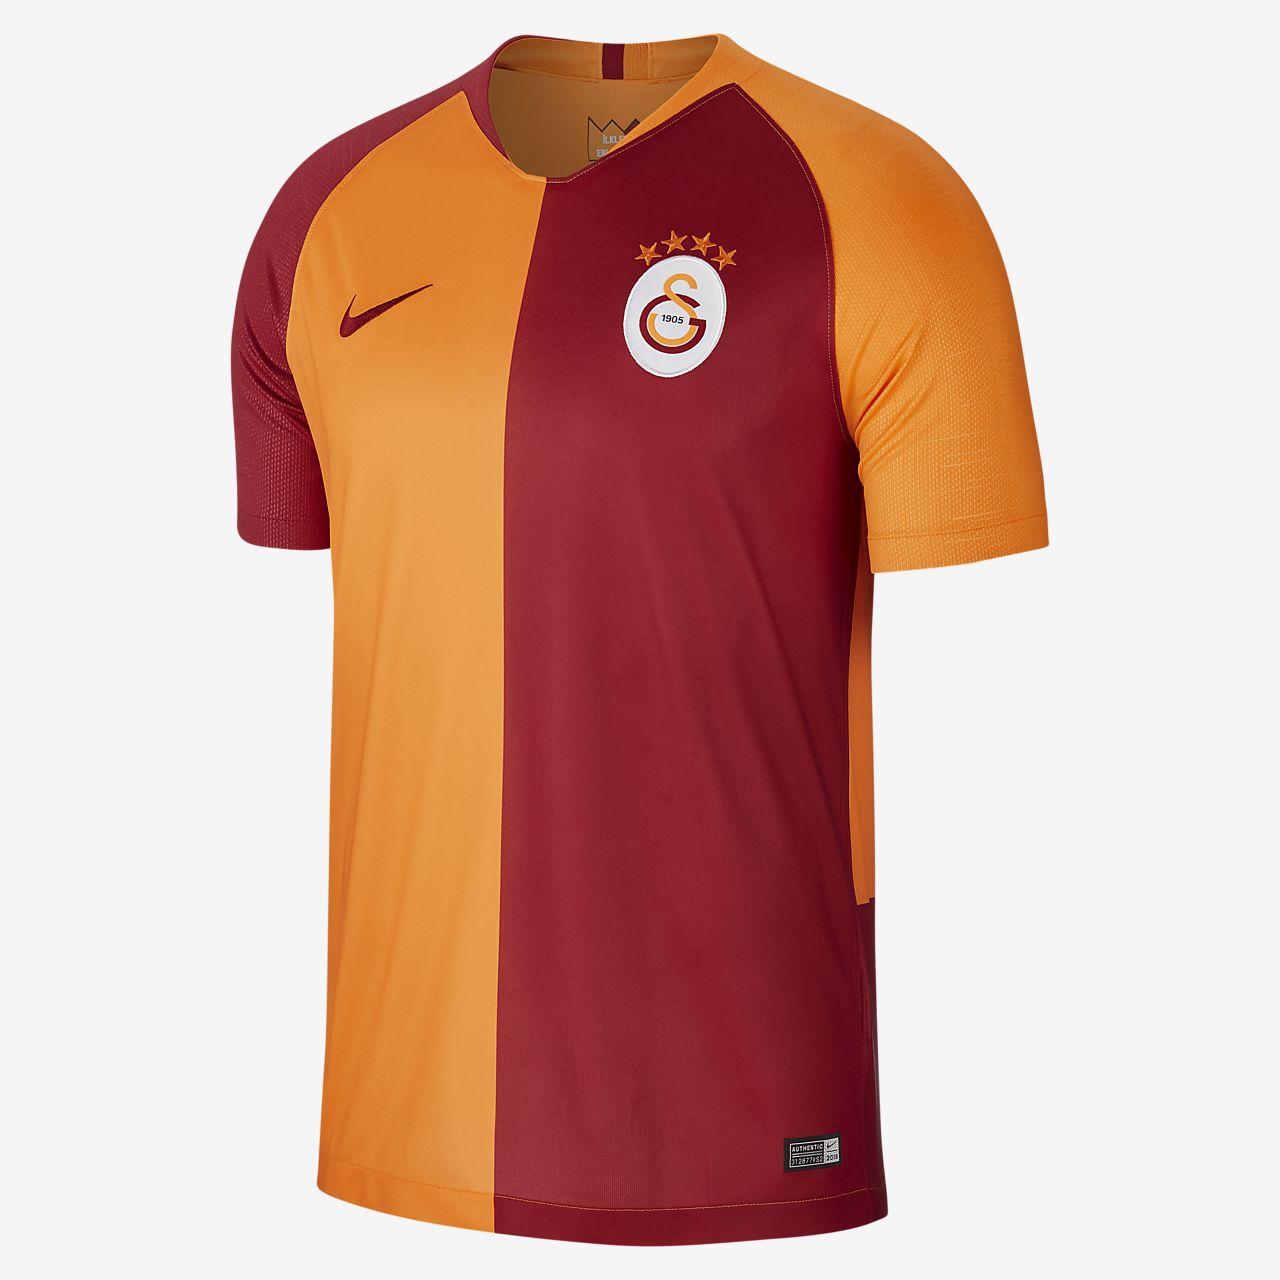 Home kStadium FußballtrikotDe S 201819 Galatasaray Herren PukZiTOX